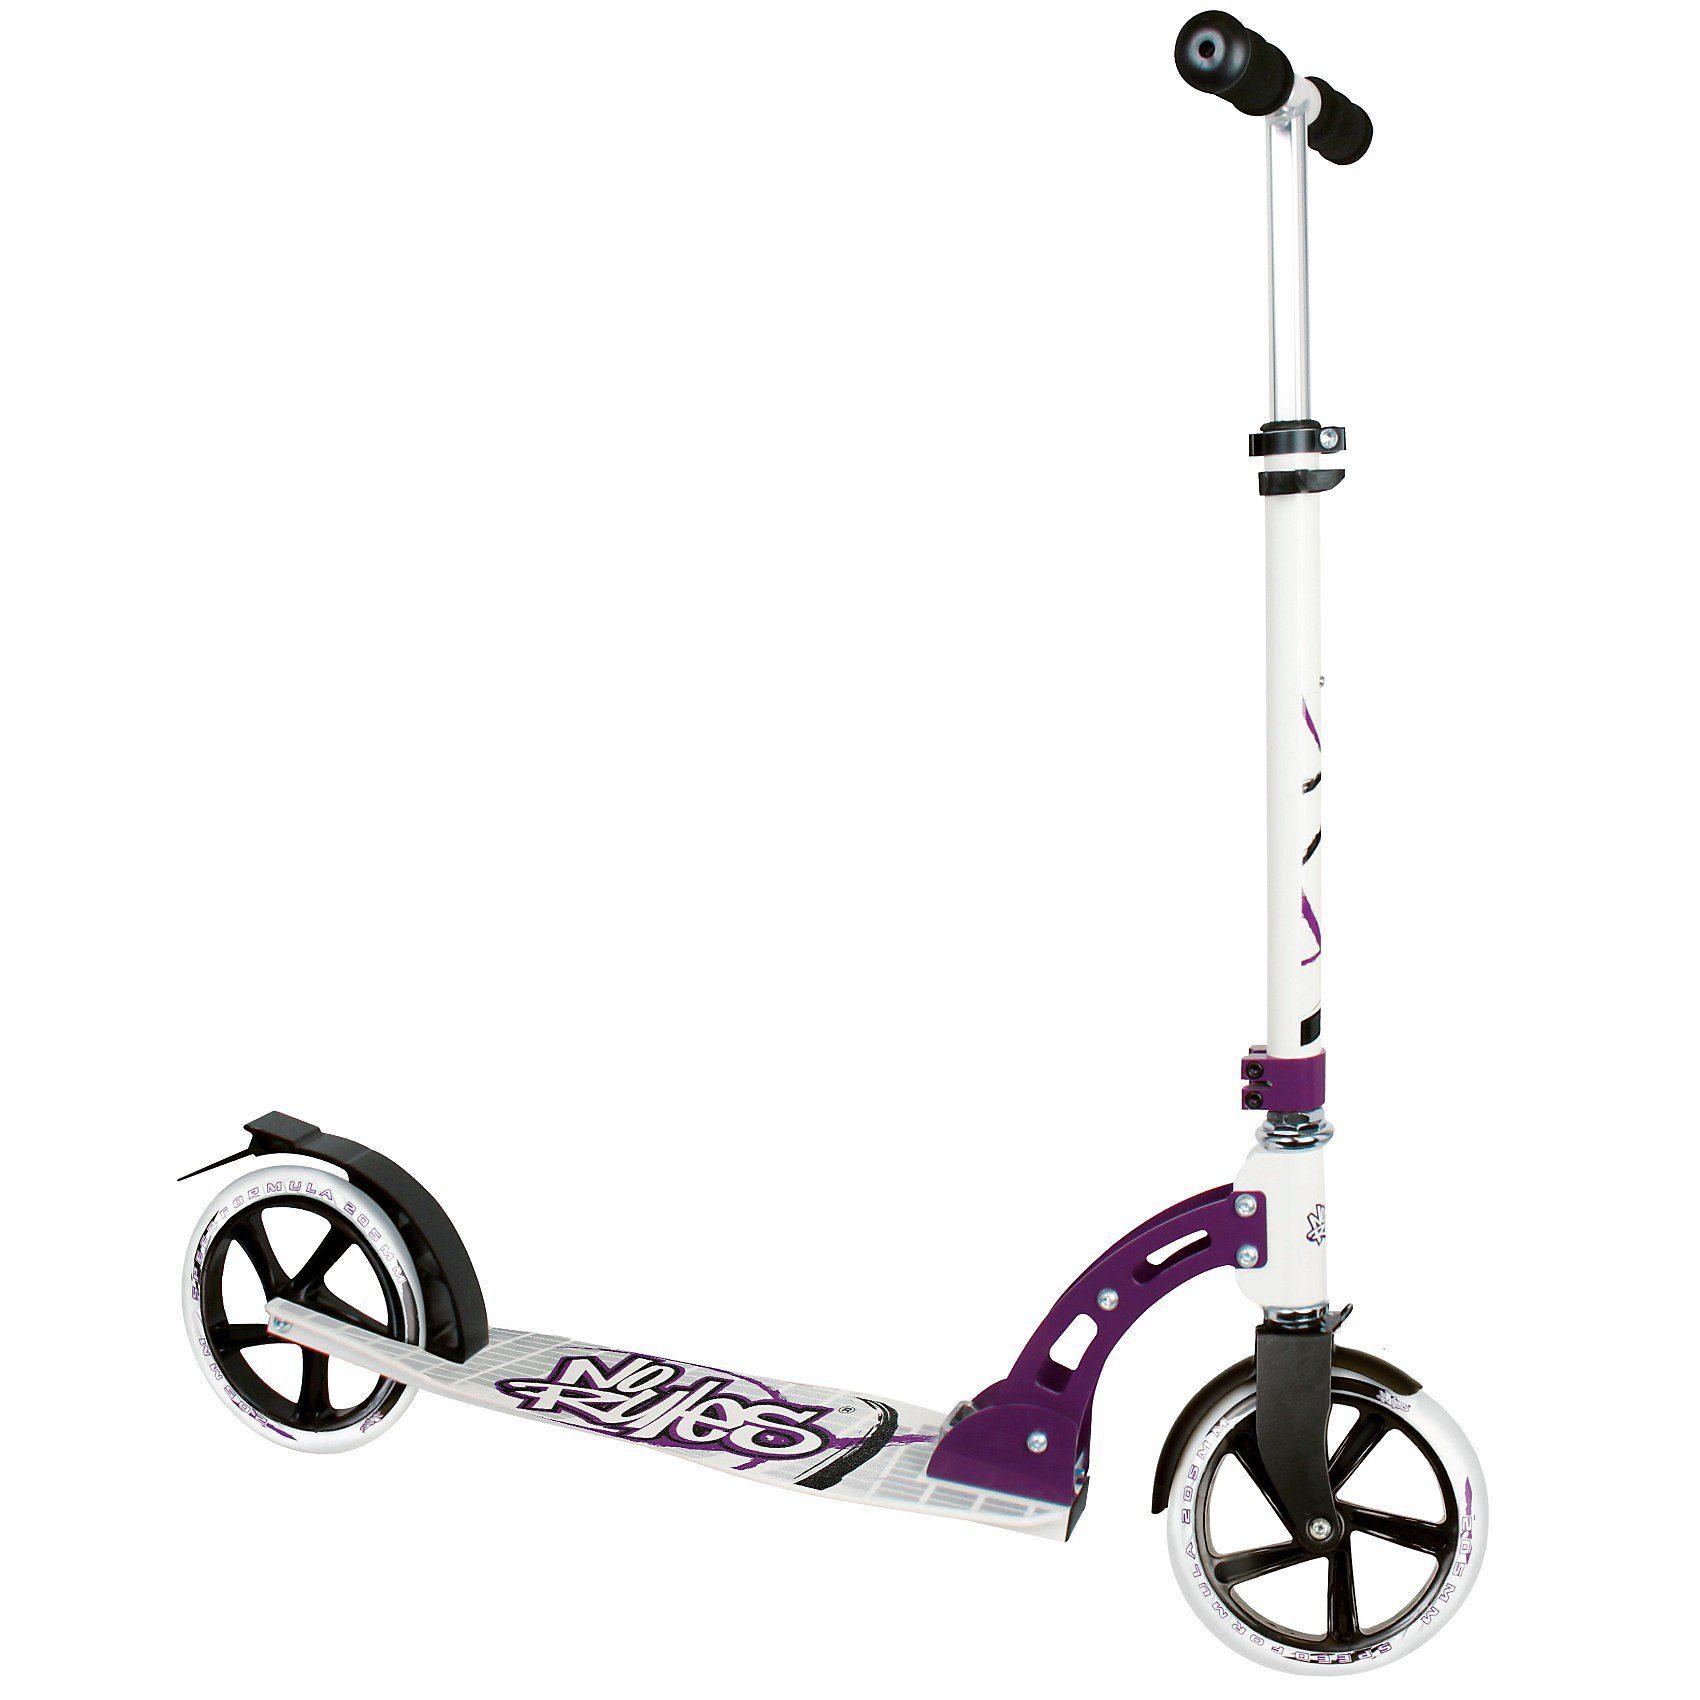 No Rules Scooter 205 mm schwarz/weiß/purple